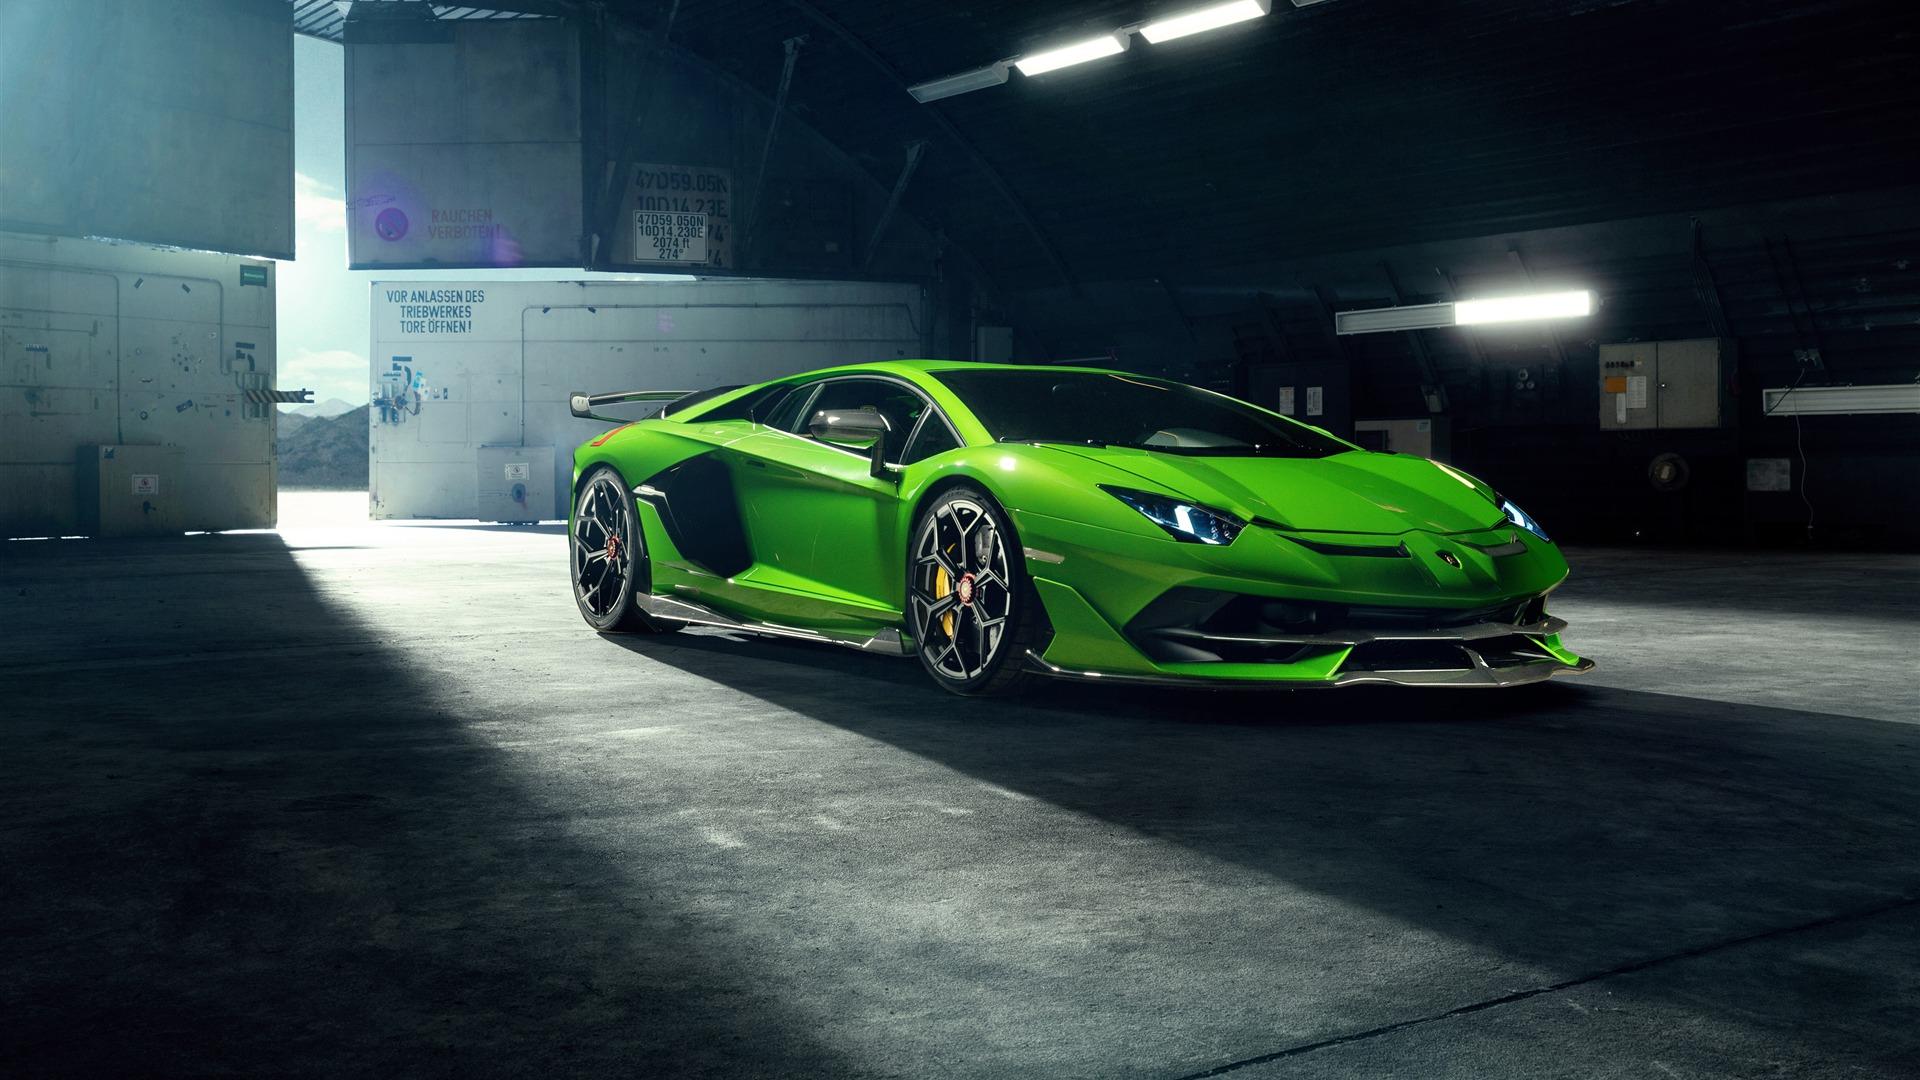 Novitec Lamborghini Aventador 2020 Car Hd Poster Preview 10wallpaper Com